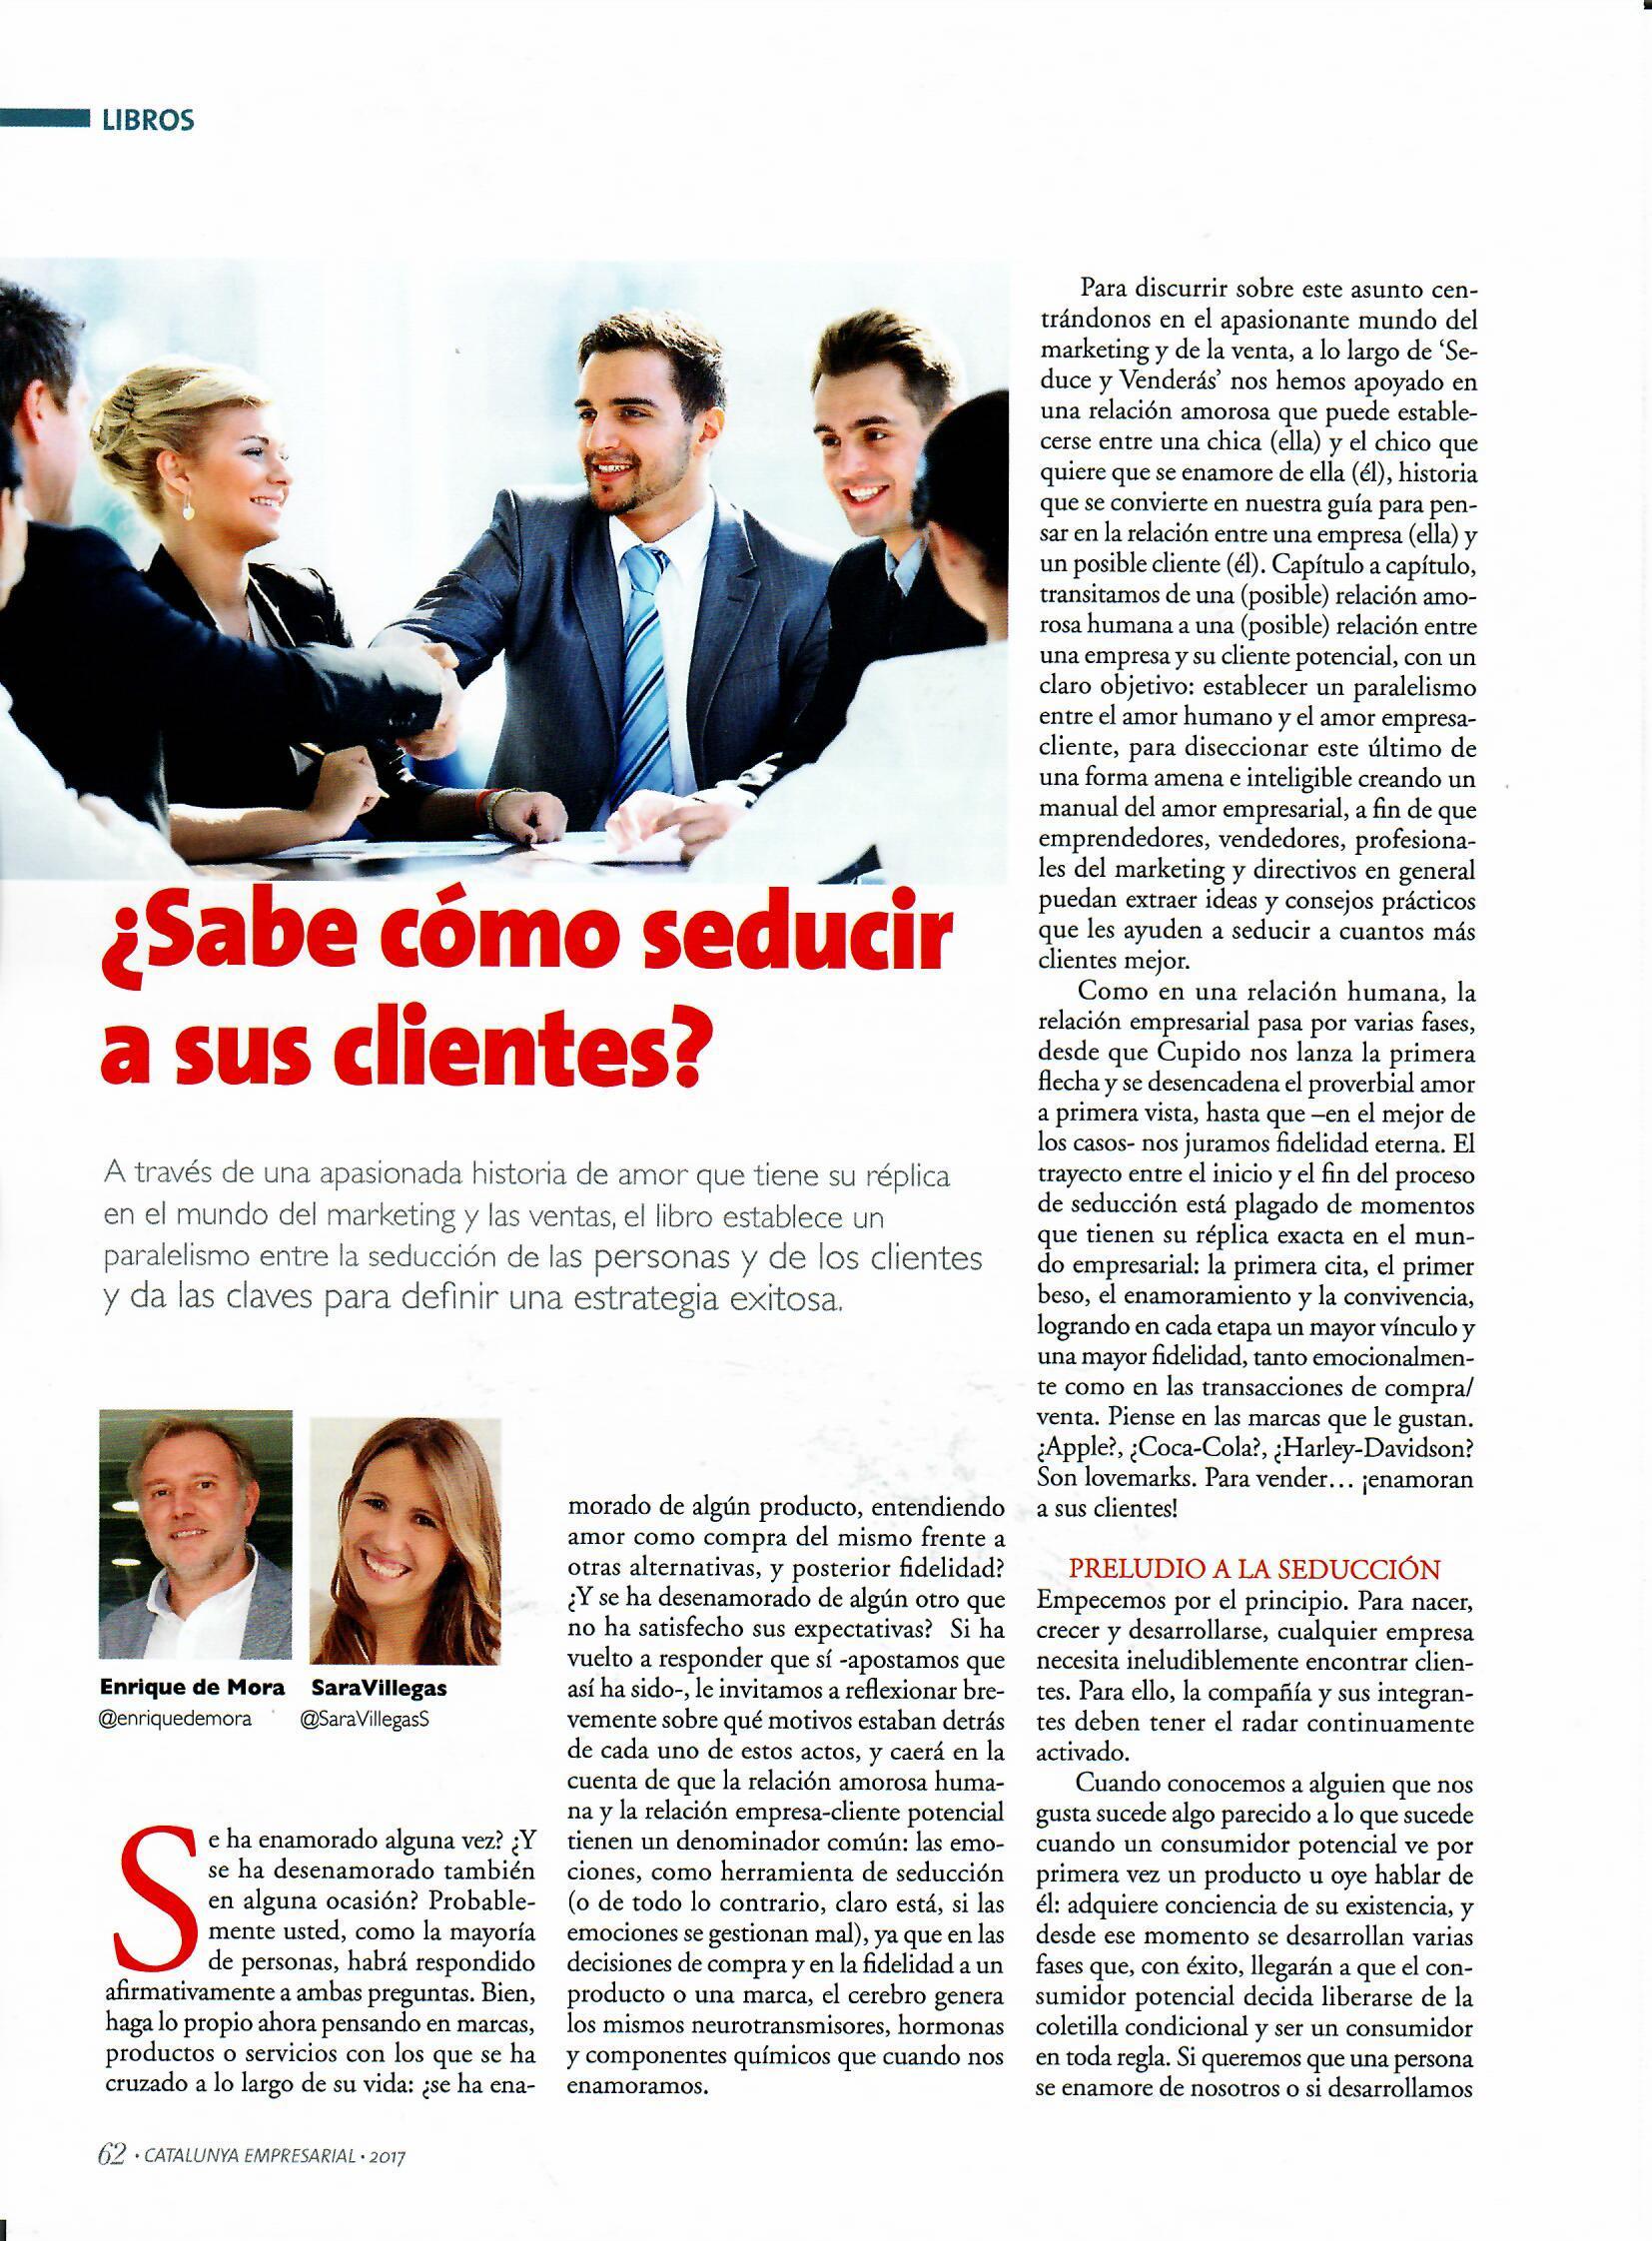 Enrique de Mora_2017.04.00_Catalunya Empresarial_pg62